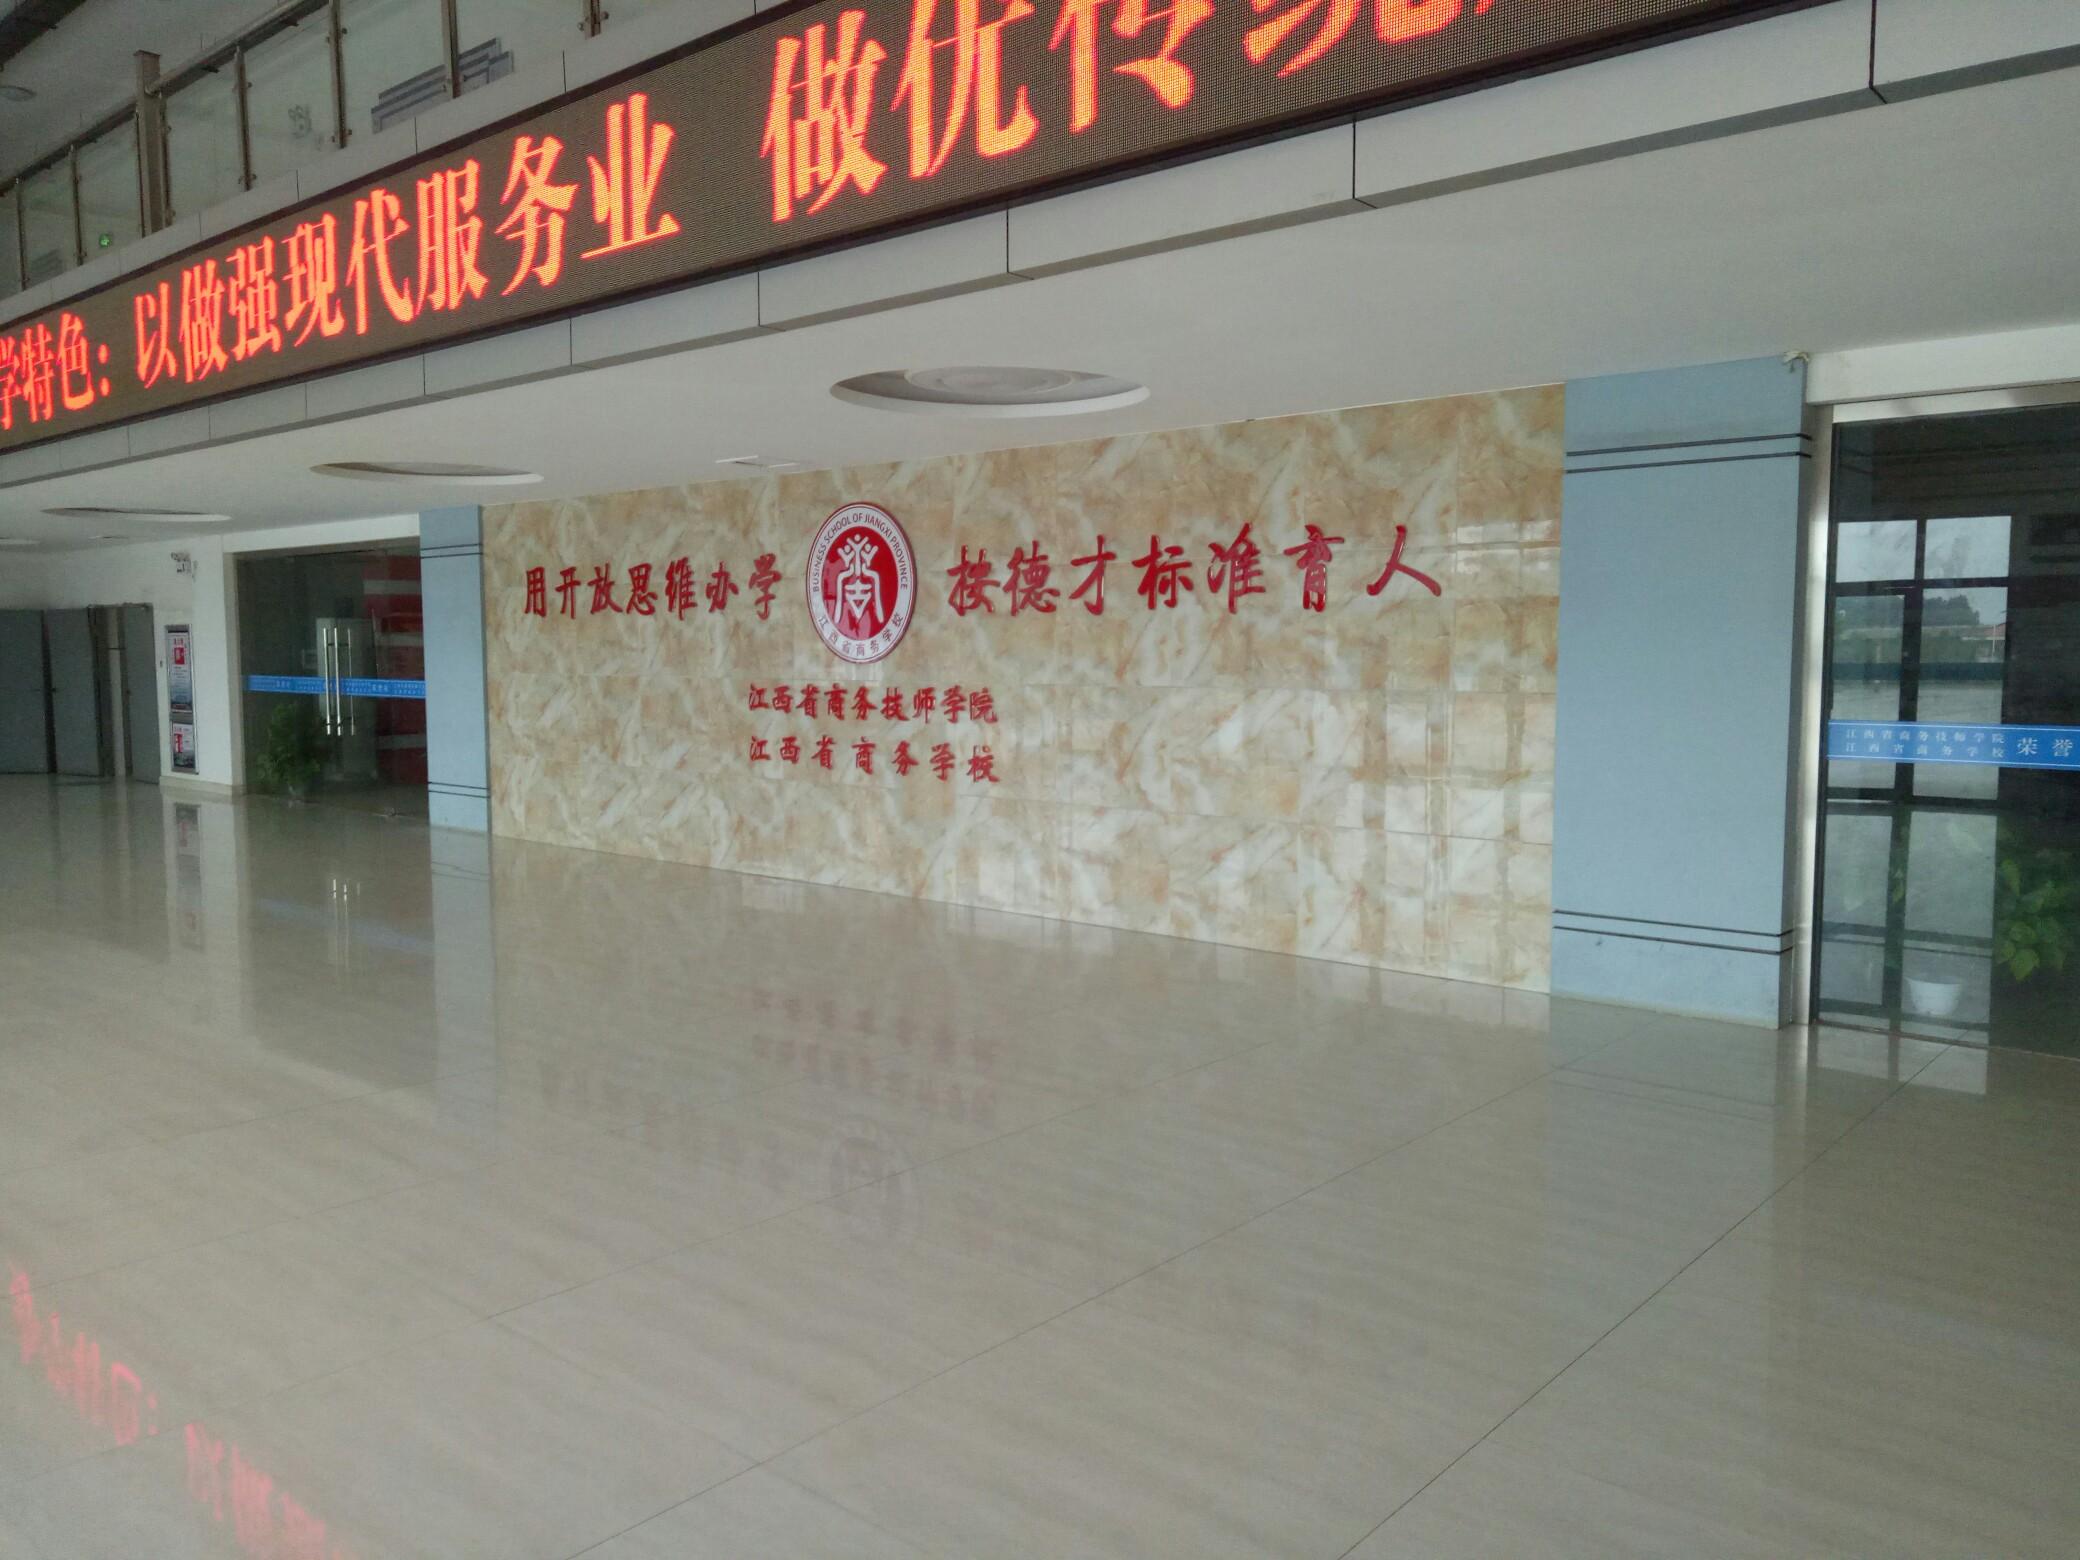 江西省商务学校7月1号开始报名啦!9595校园环境.